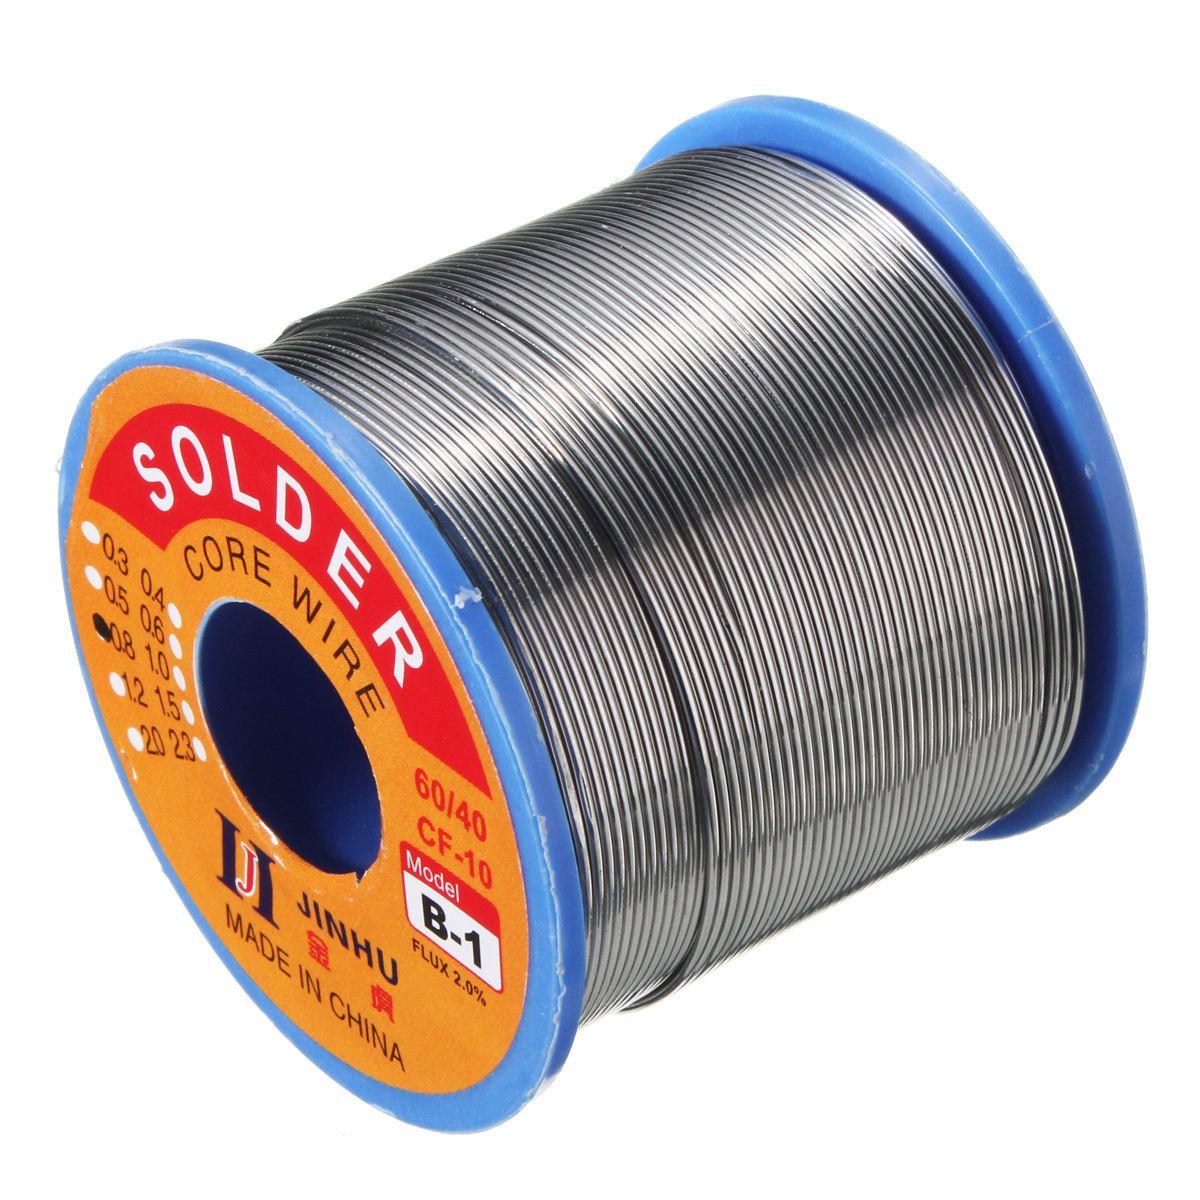 0.5/0.7/1mm 60/40 FLUX 2.0% 500g di Stagno Piombo Saldatura A Filo Melt Colofonia Core Saldare Saldatura rotolo di filo